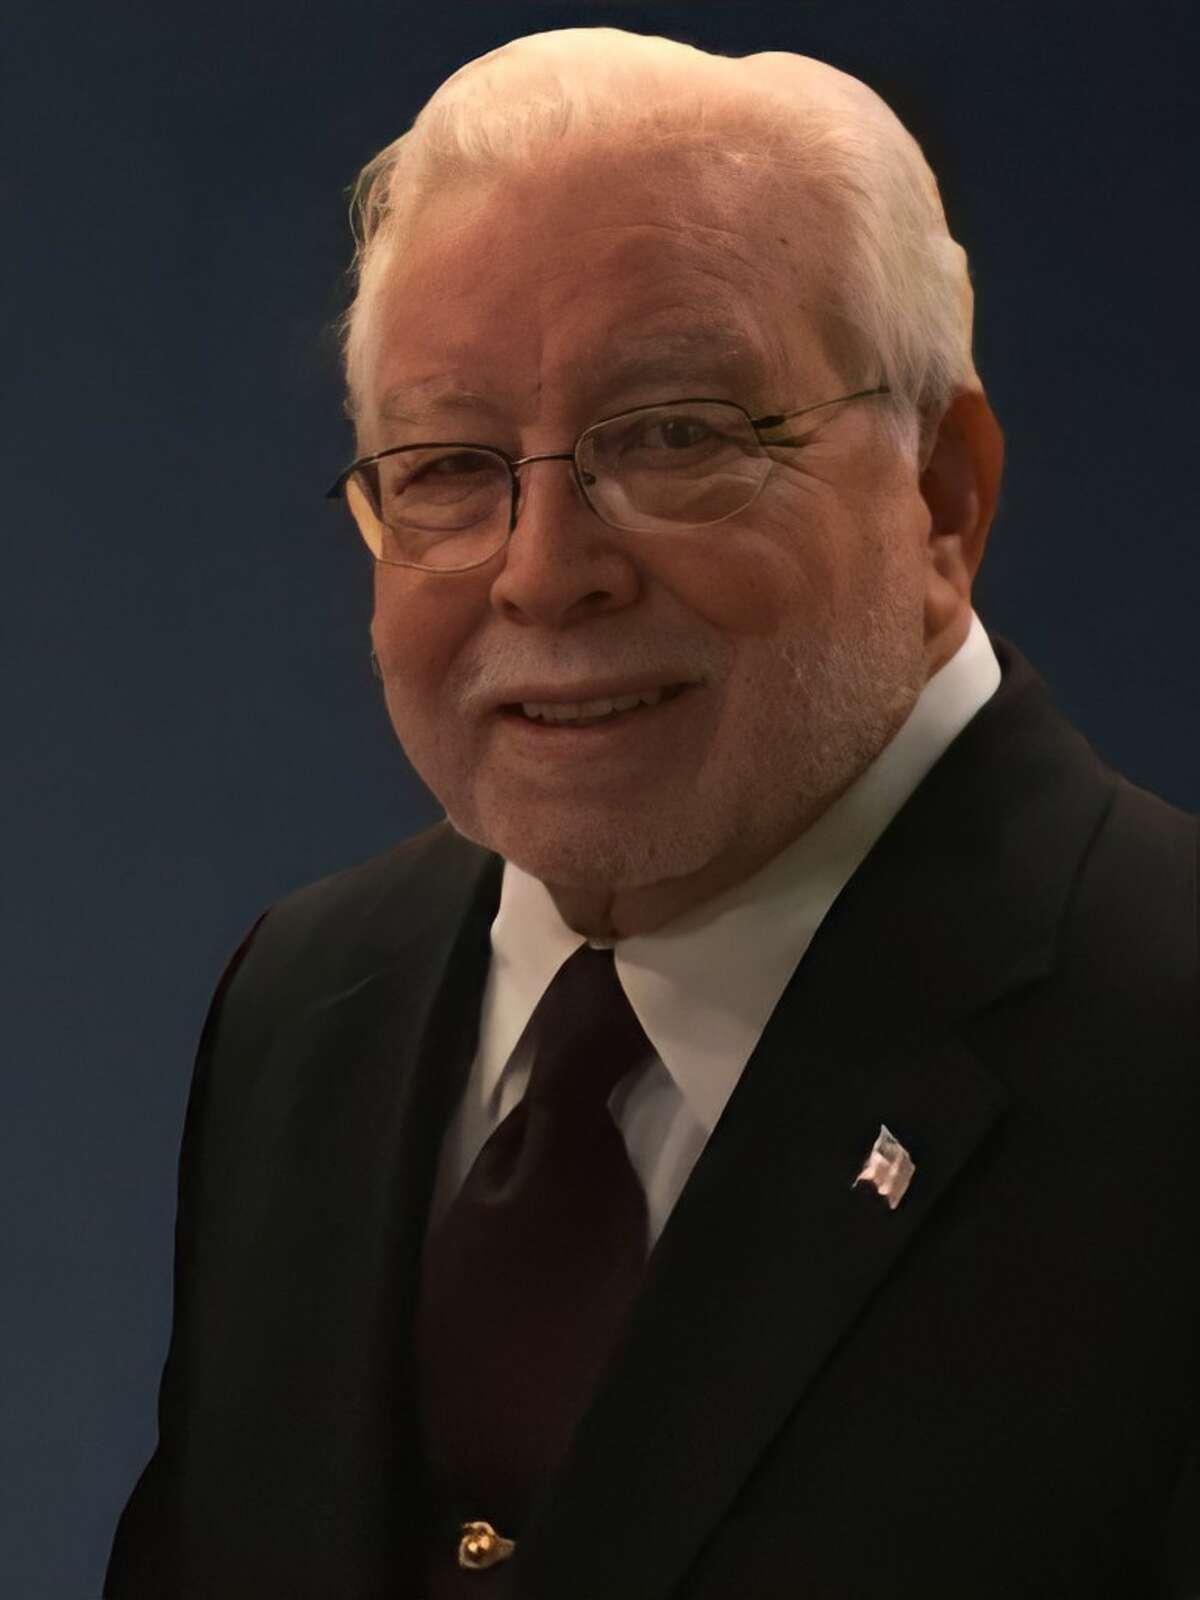 Robert Ramirez Arias